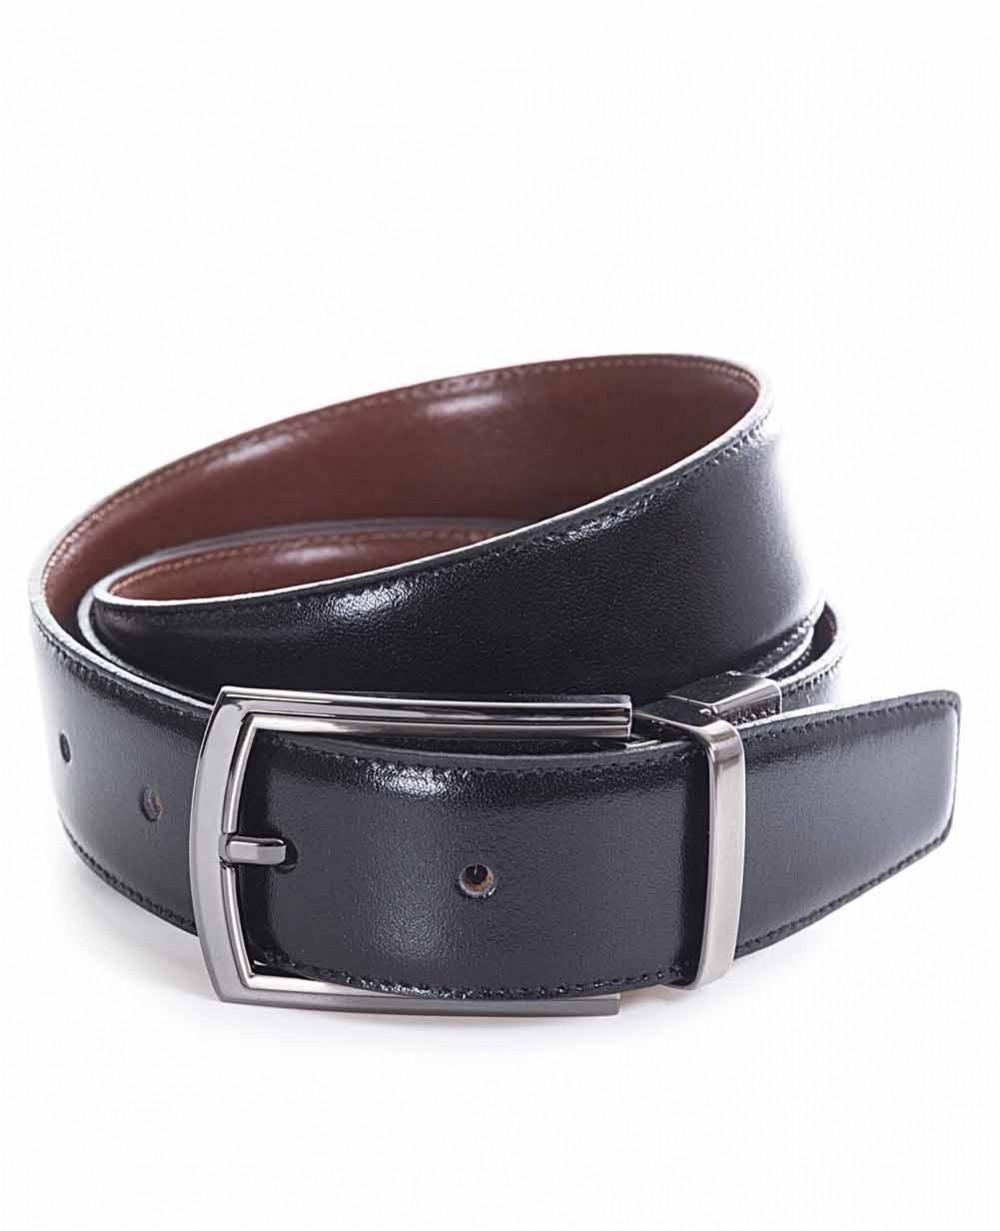 Miguel Bellido Cinturón clásico reversible Piel Negro/Marrón 115 (Foto )